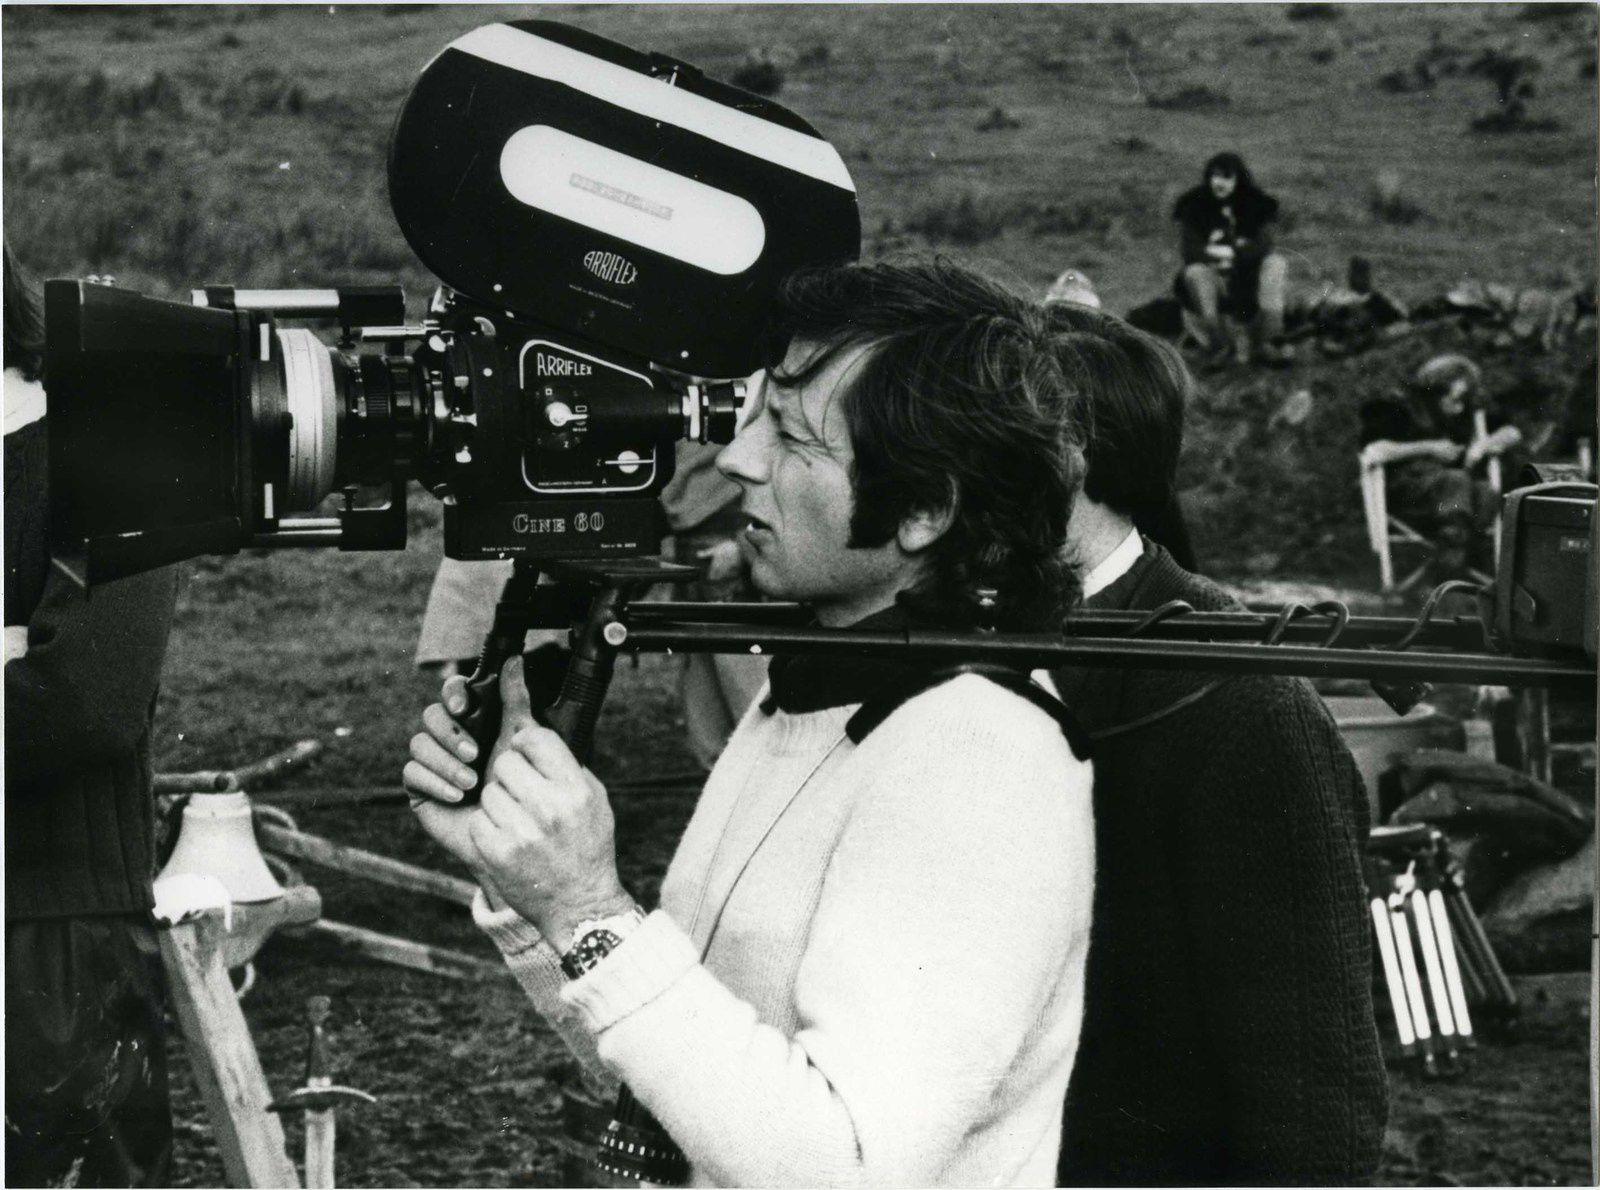 Photo de tournage. Roman Polanski sur le tournage de Tess (1979) - 1979 PATHE PRODUCTION - TIMOTHY BURRILL PRODUCTIONS LIMITED